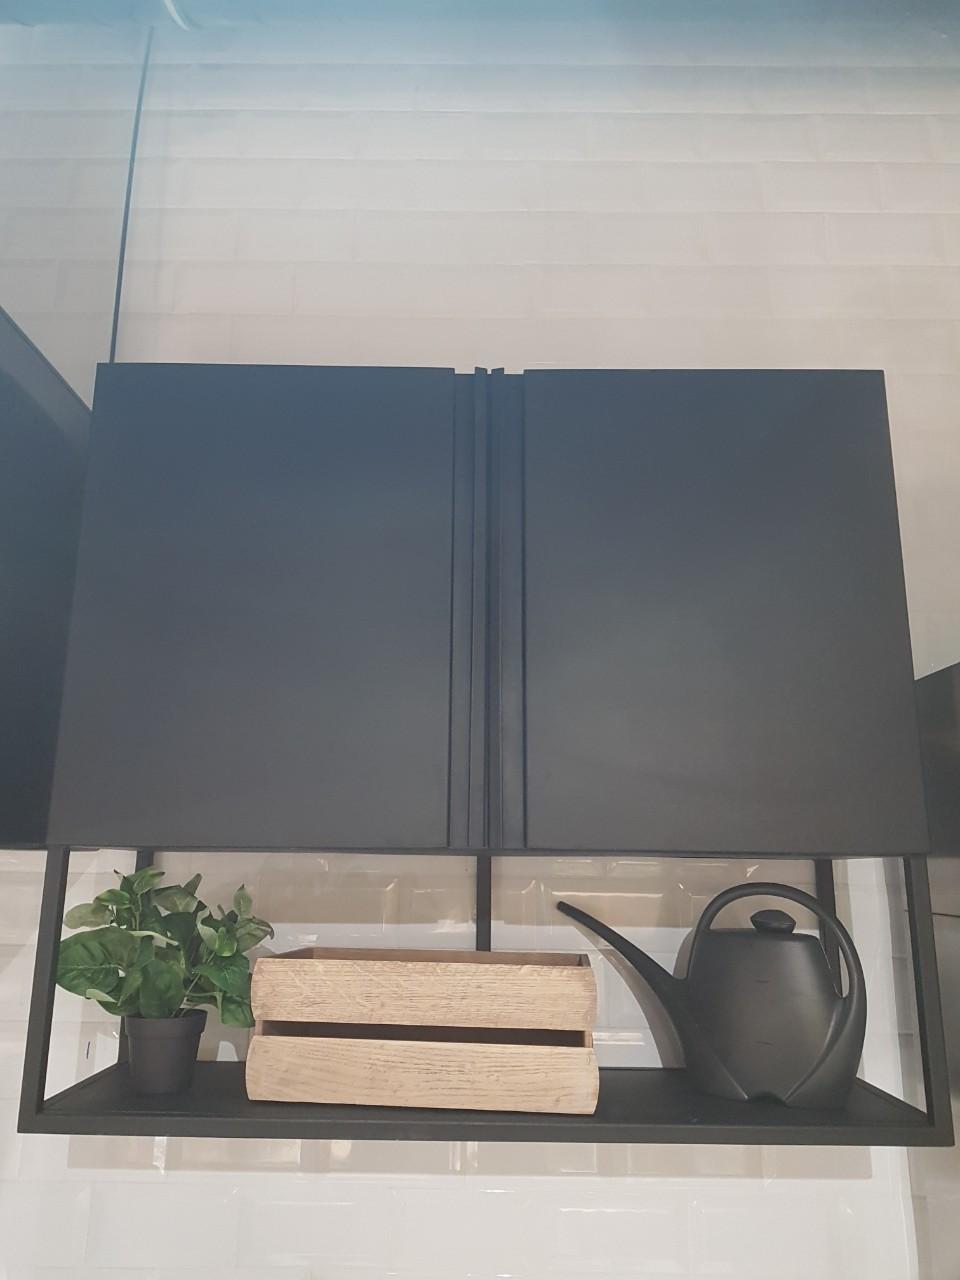 Шкаф навесной закрытый (1100 x 300 x 600) - фотография №3